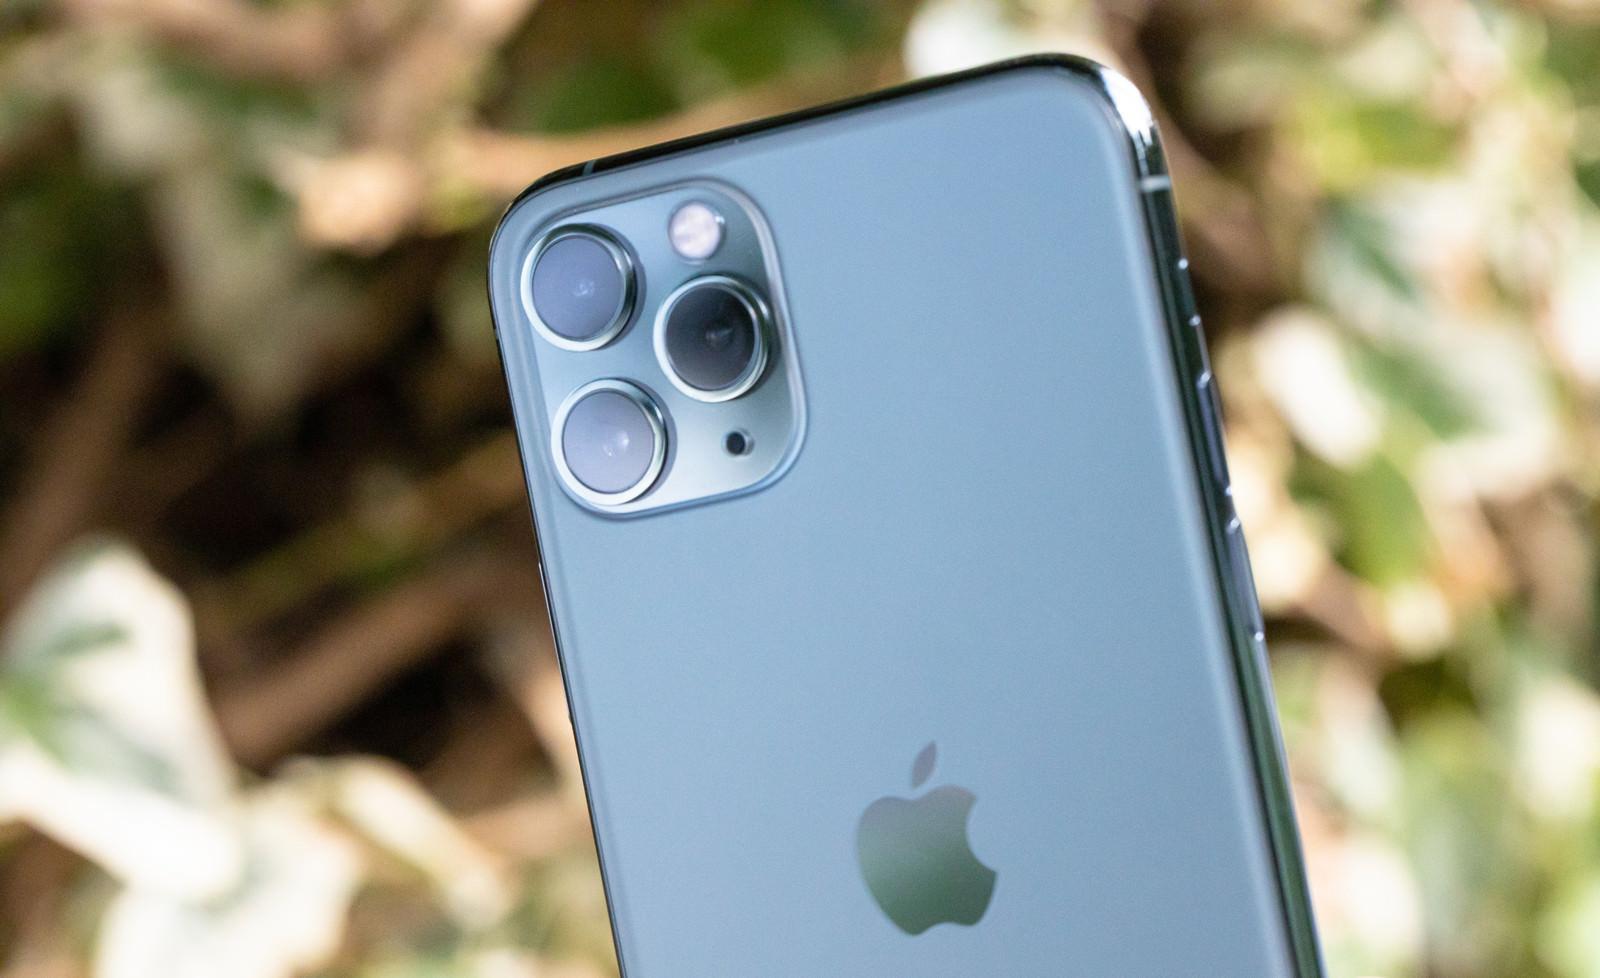 「トリプルカメラ搭載の iPhone 11 Pro」の写真